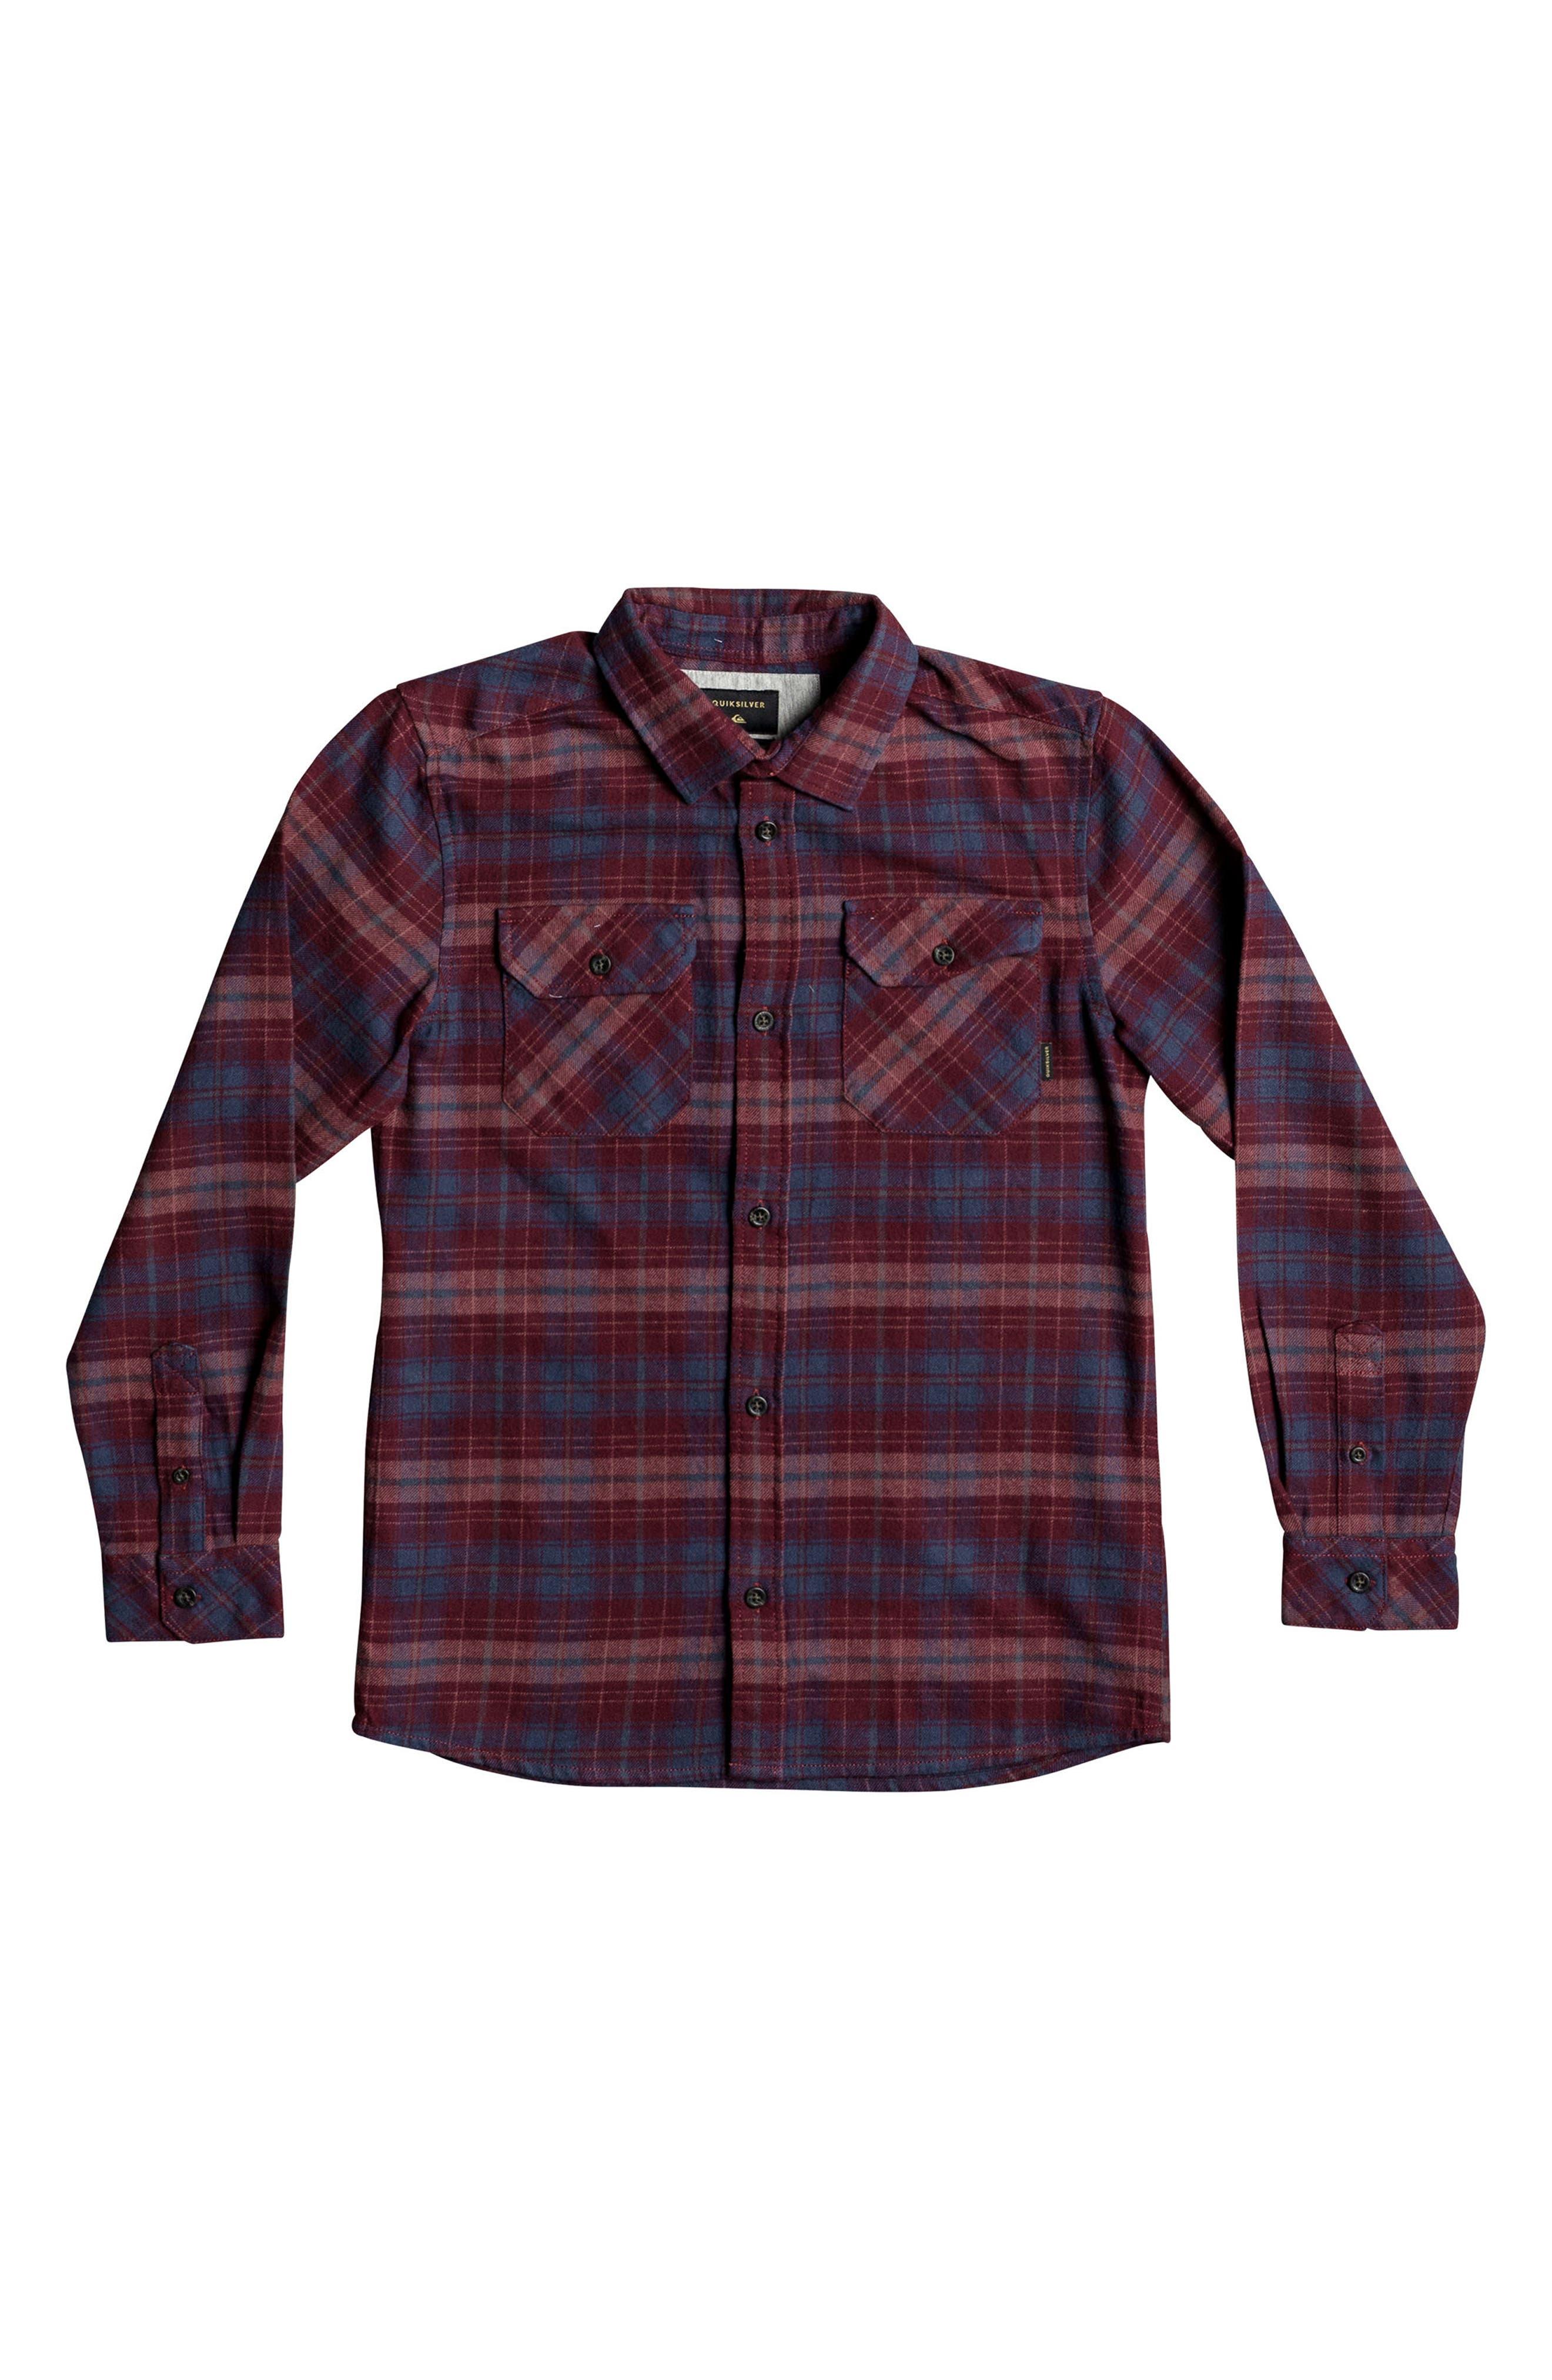 Fitzspeere Plaid Flannel Shirt,                         Main,                         color, Winsdsor